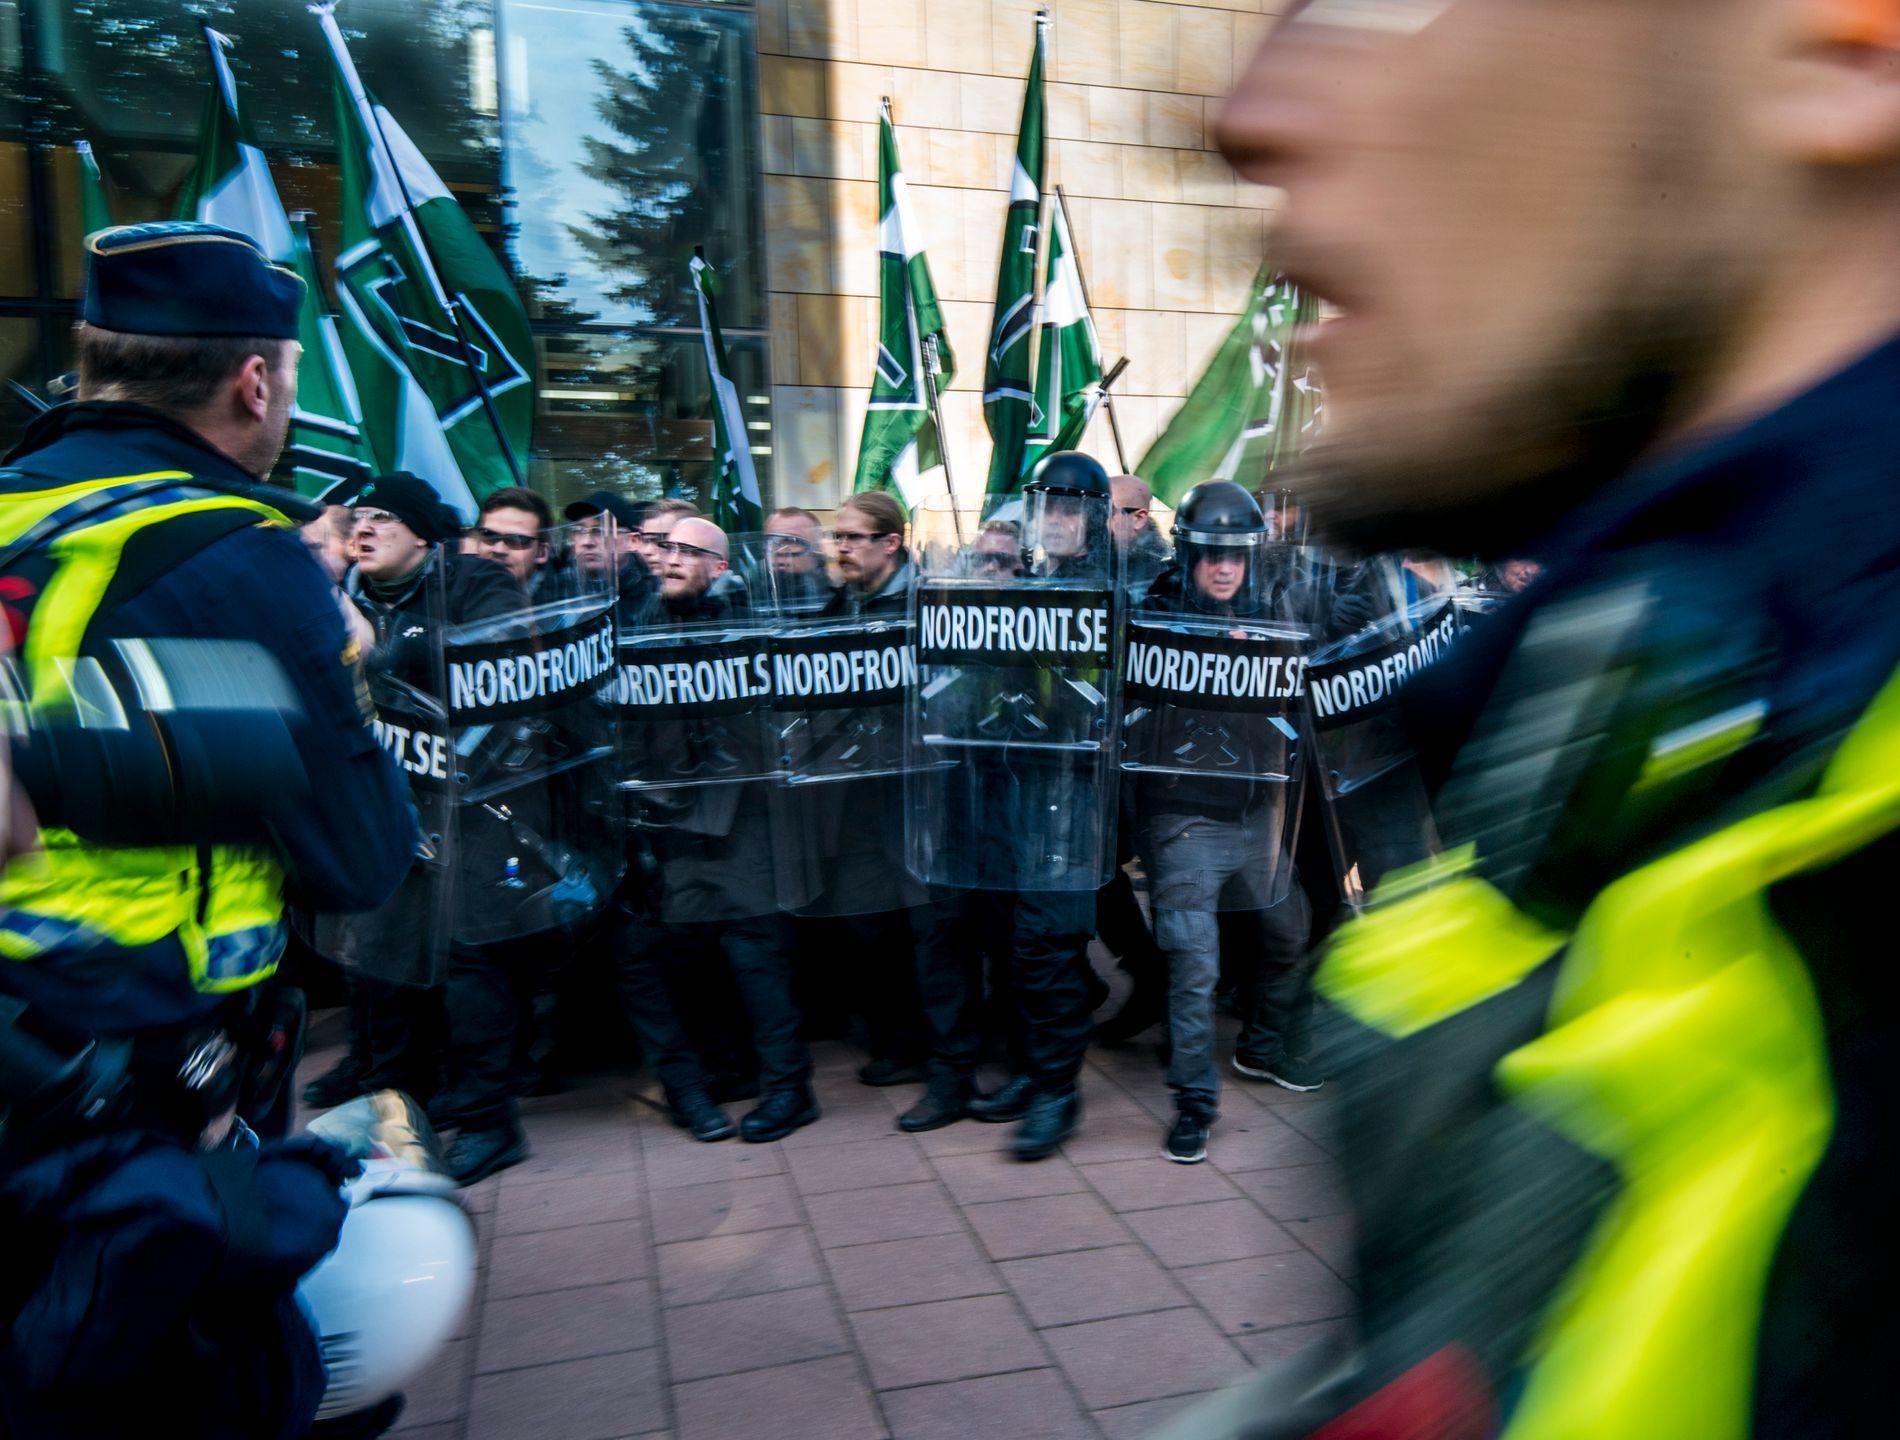 NAZIDEMONSTRASJON I DAG: Nordiske motstandsbevegelsen skal igjen marsjere i Sveriges gater i dag. Bilder er tatt under en demonstrasjon i Göteborg i september 2017.